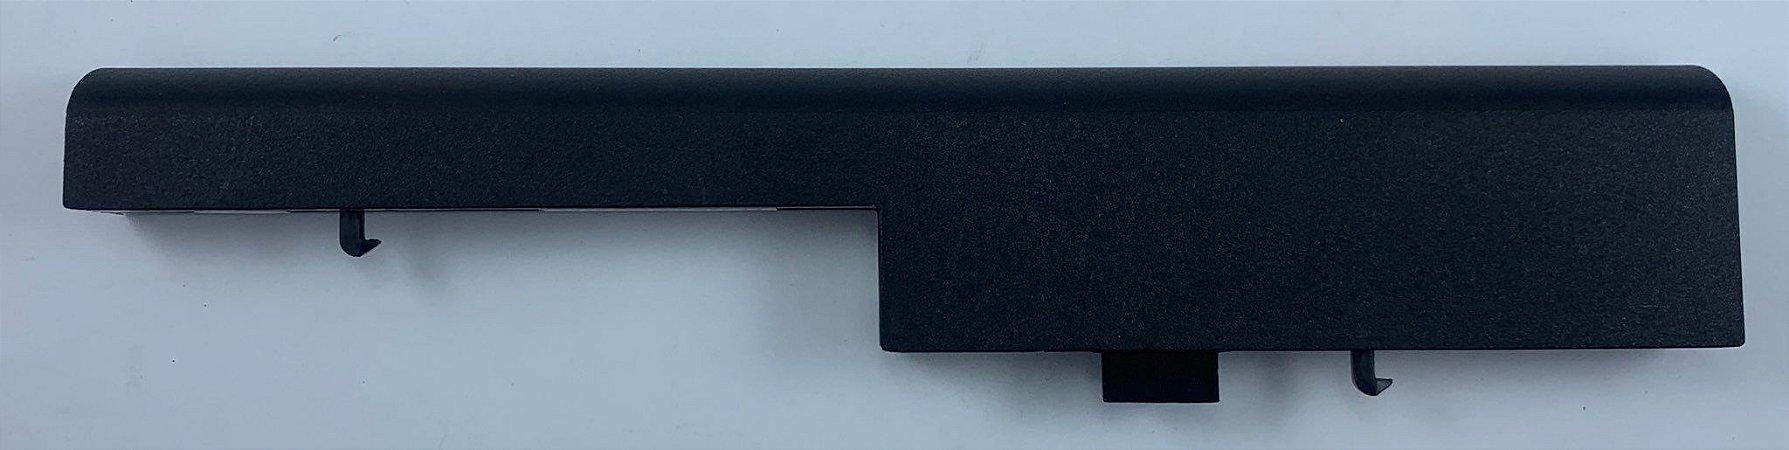 Bateria 2200mah A14-56-352 P4400-0 Positivo Sim 490dc